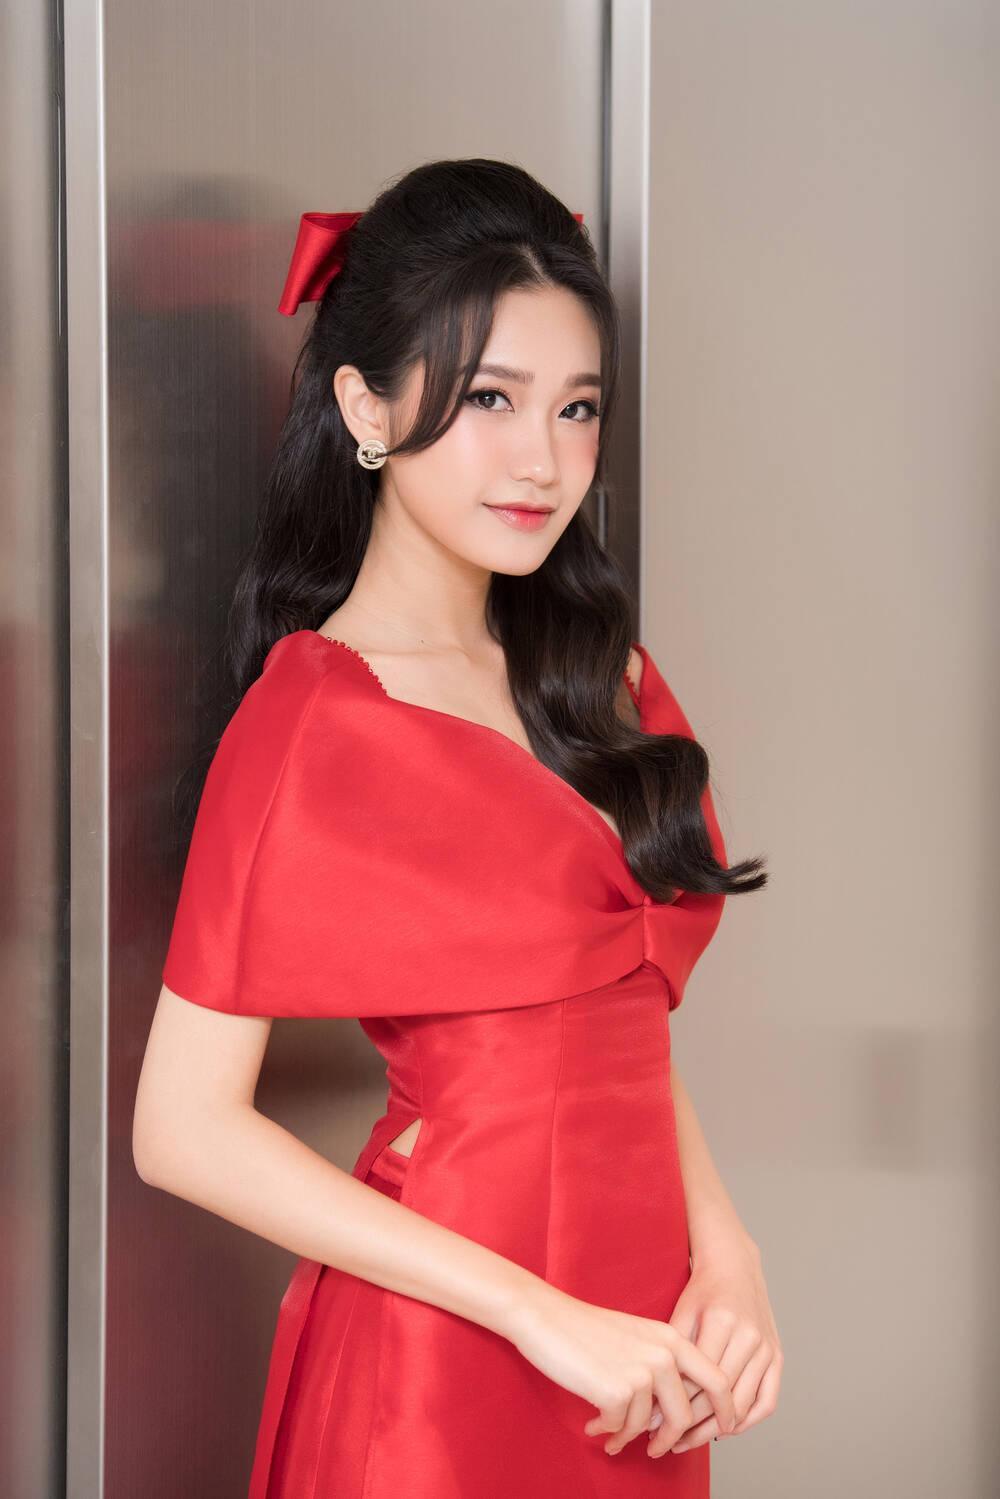 Doãn Hải My diện áo dài đỏ rực rỡ, hóa đóa hồng nhung thơm ngát tại sự kiện Ảnh 9